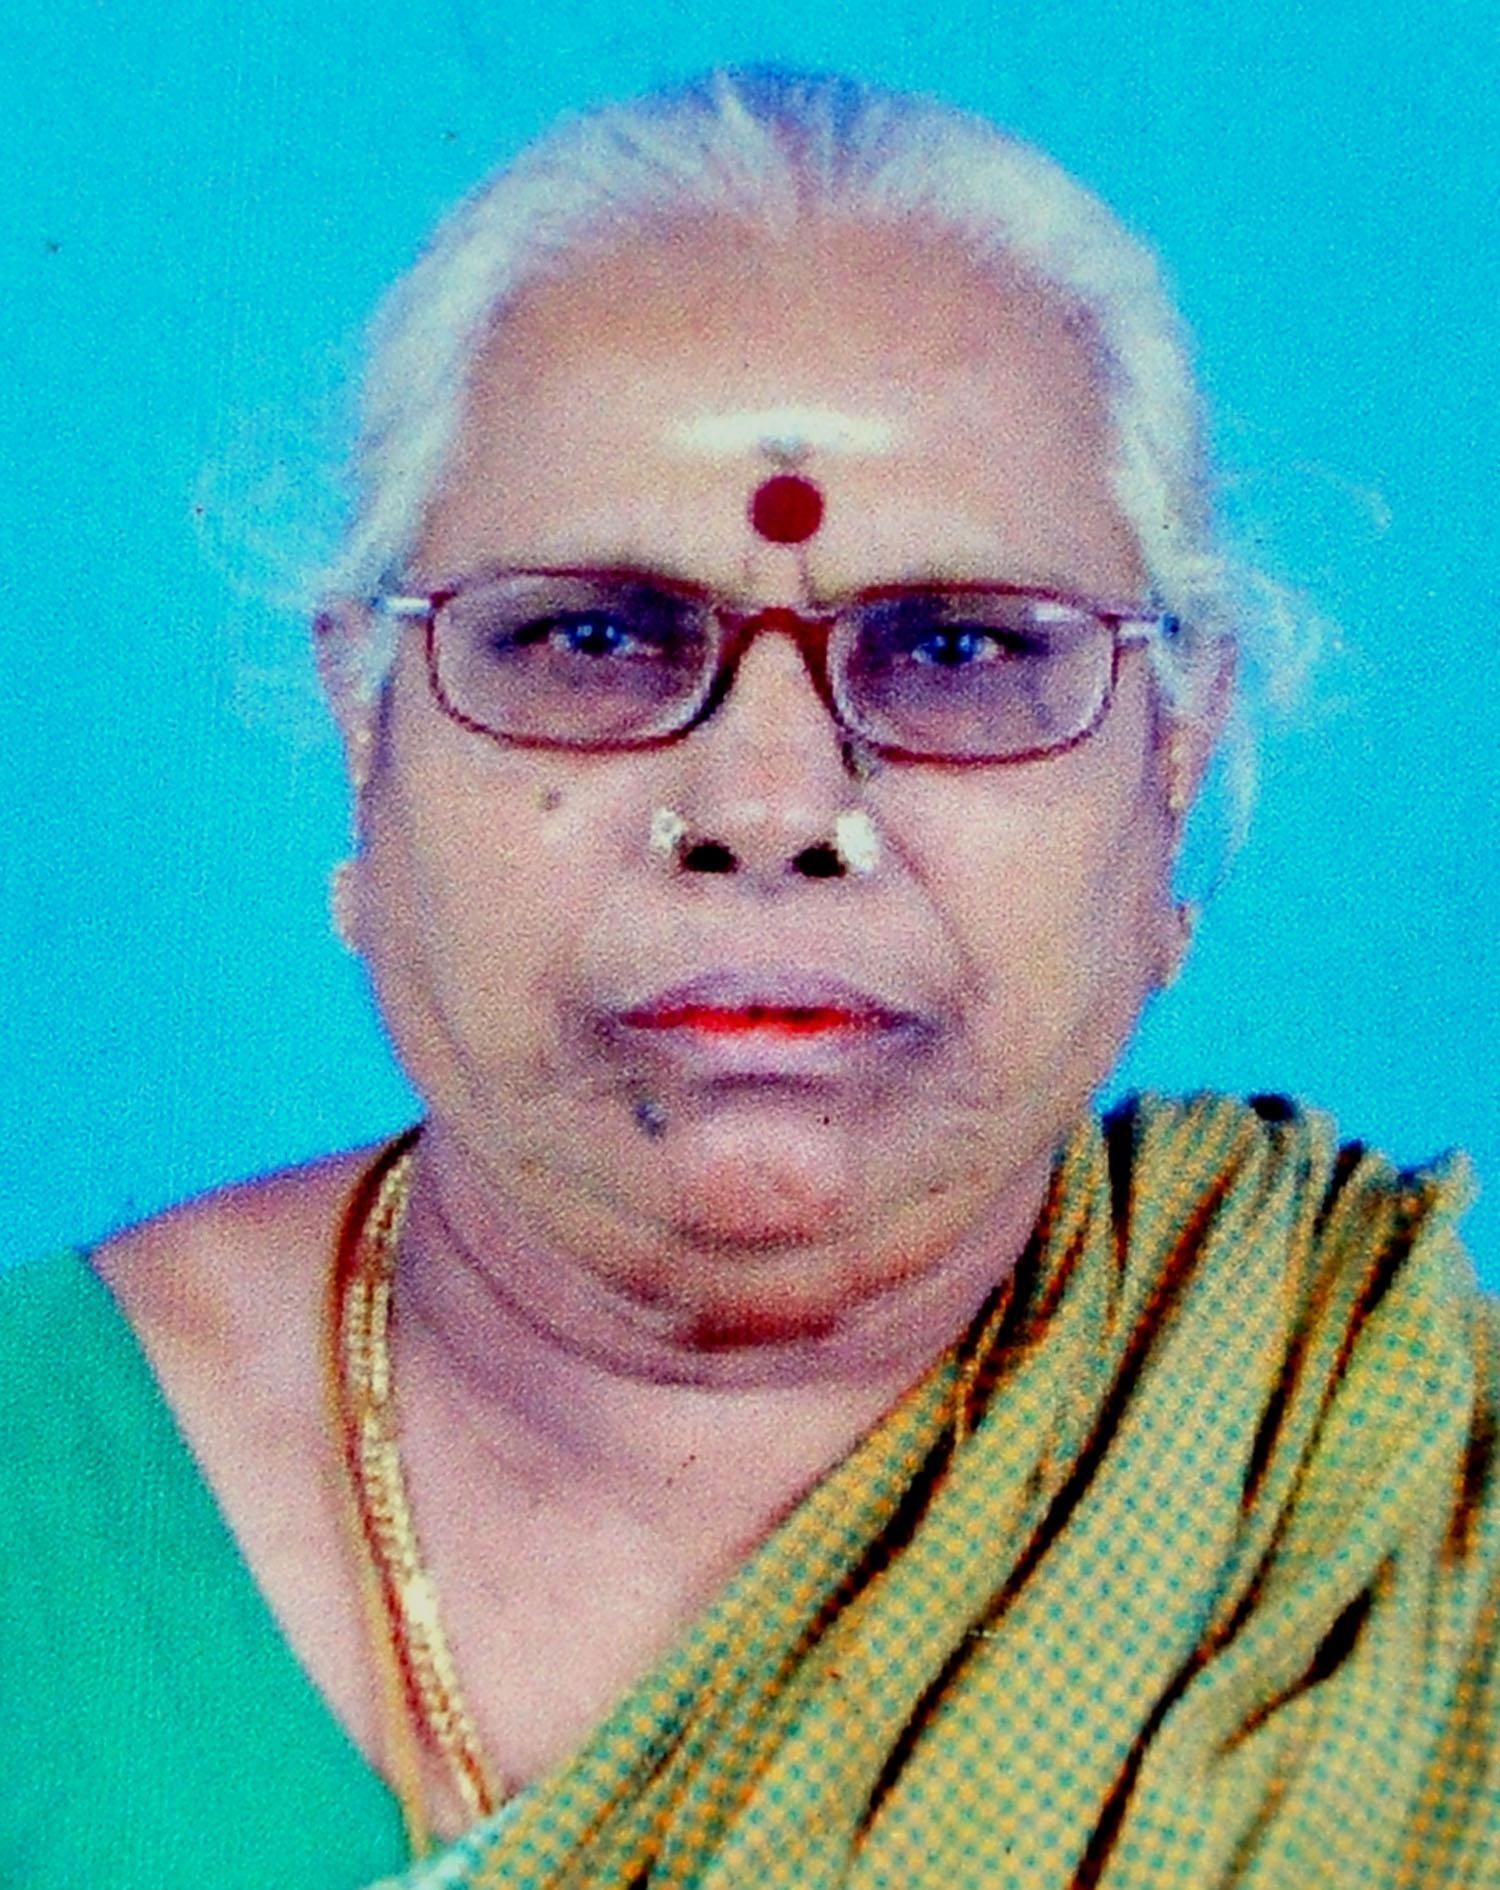 மருத்துவமனை சுசீலா